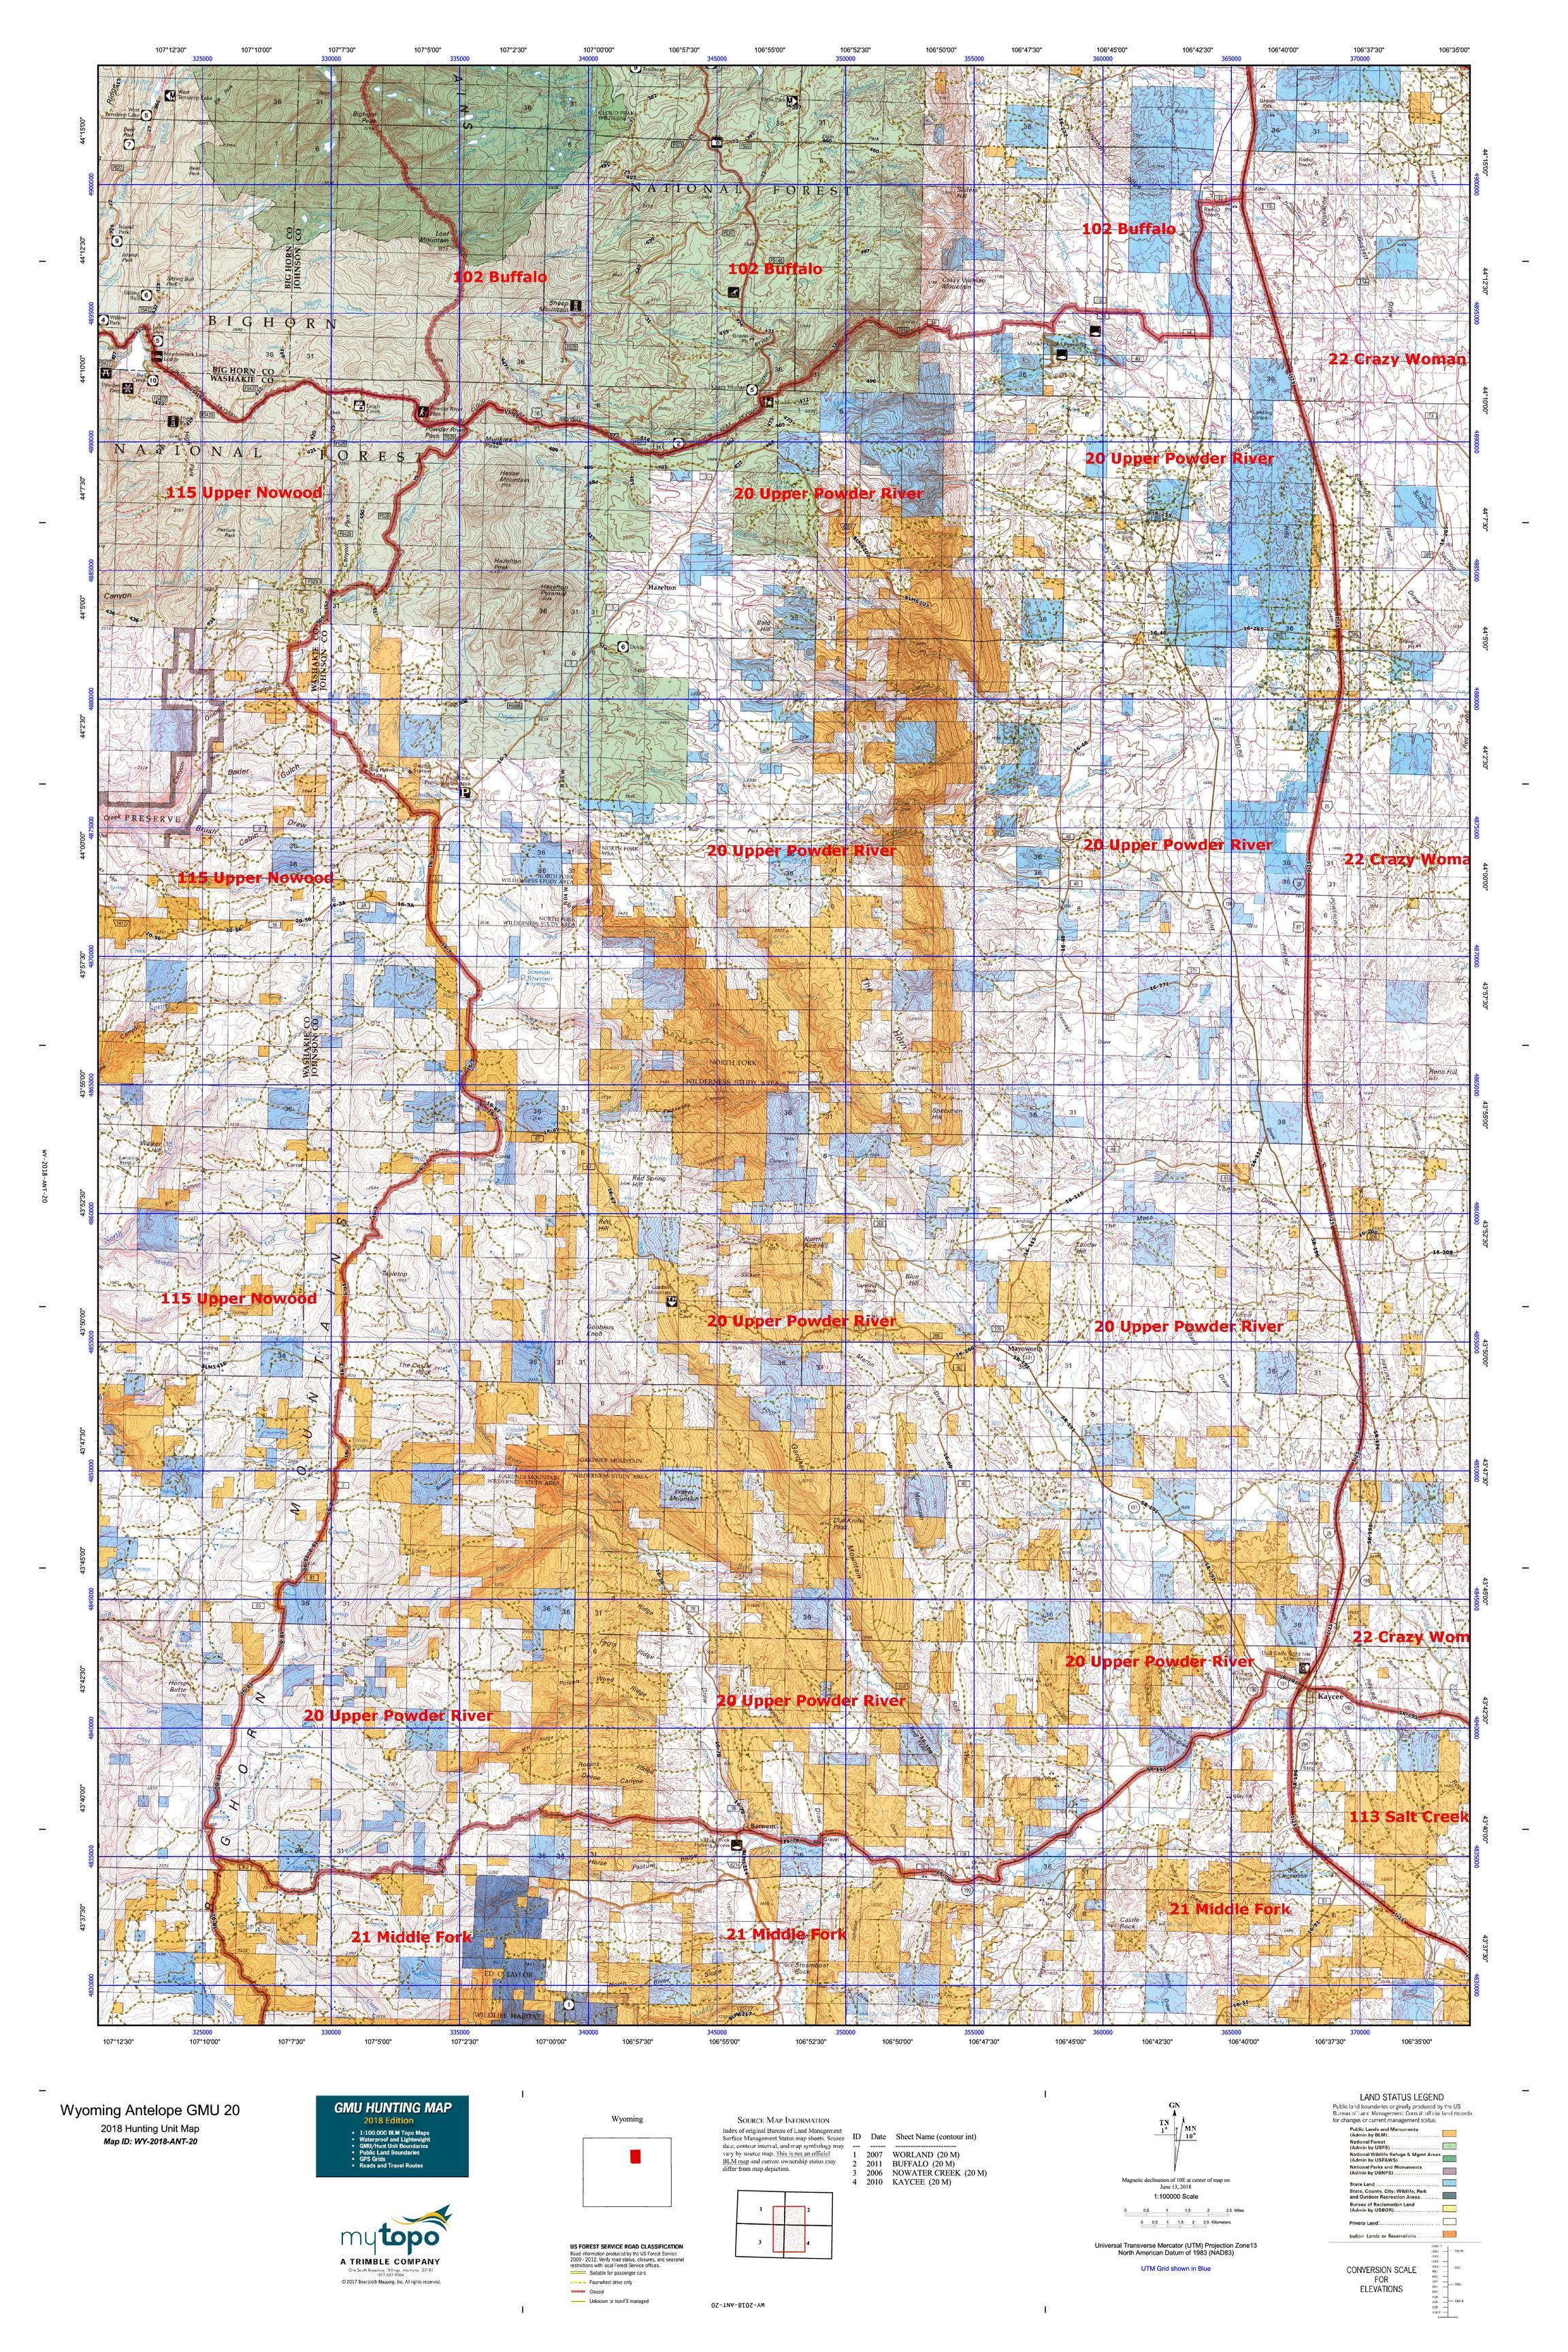 Wyoming Antelope GMU 20 Map | MyTopo